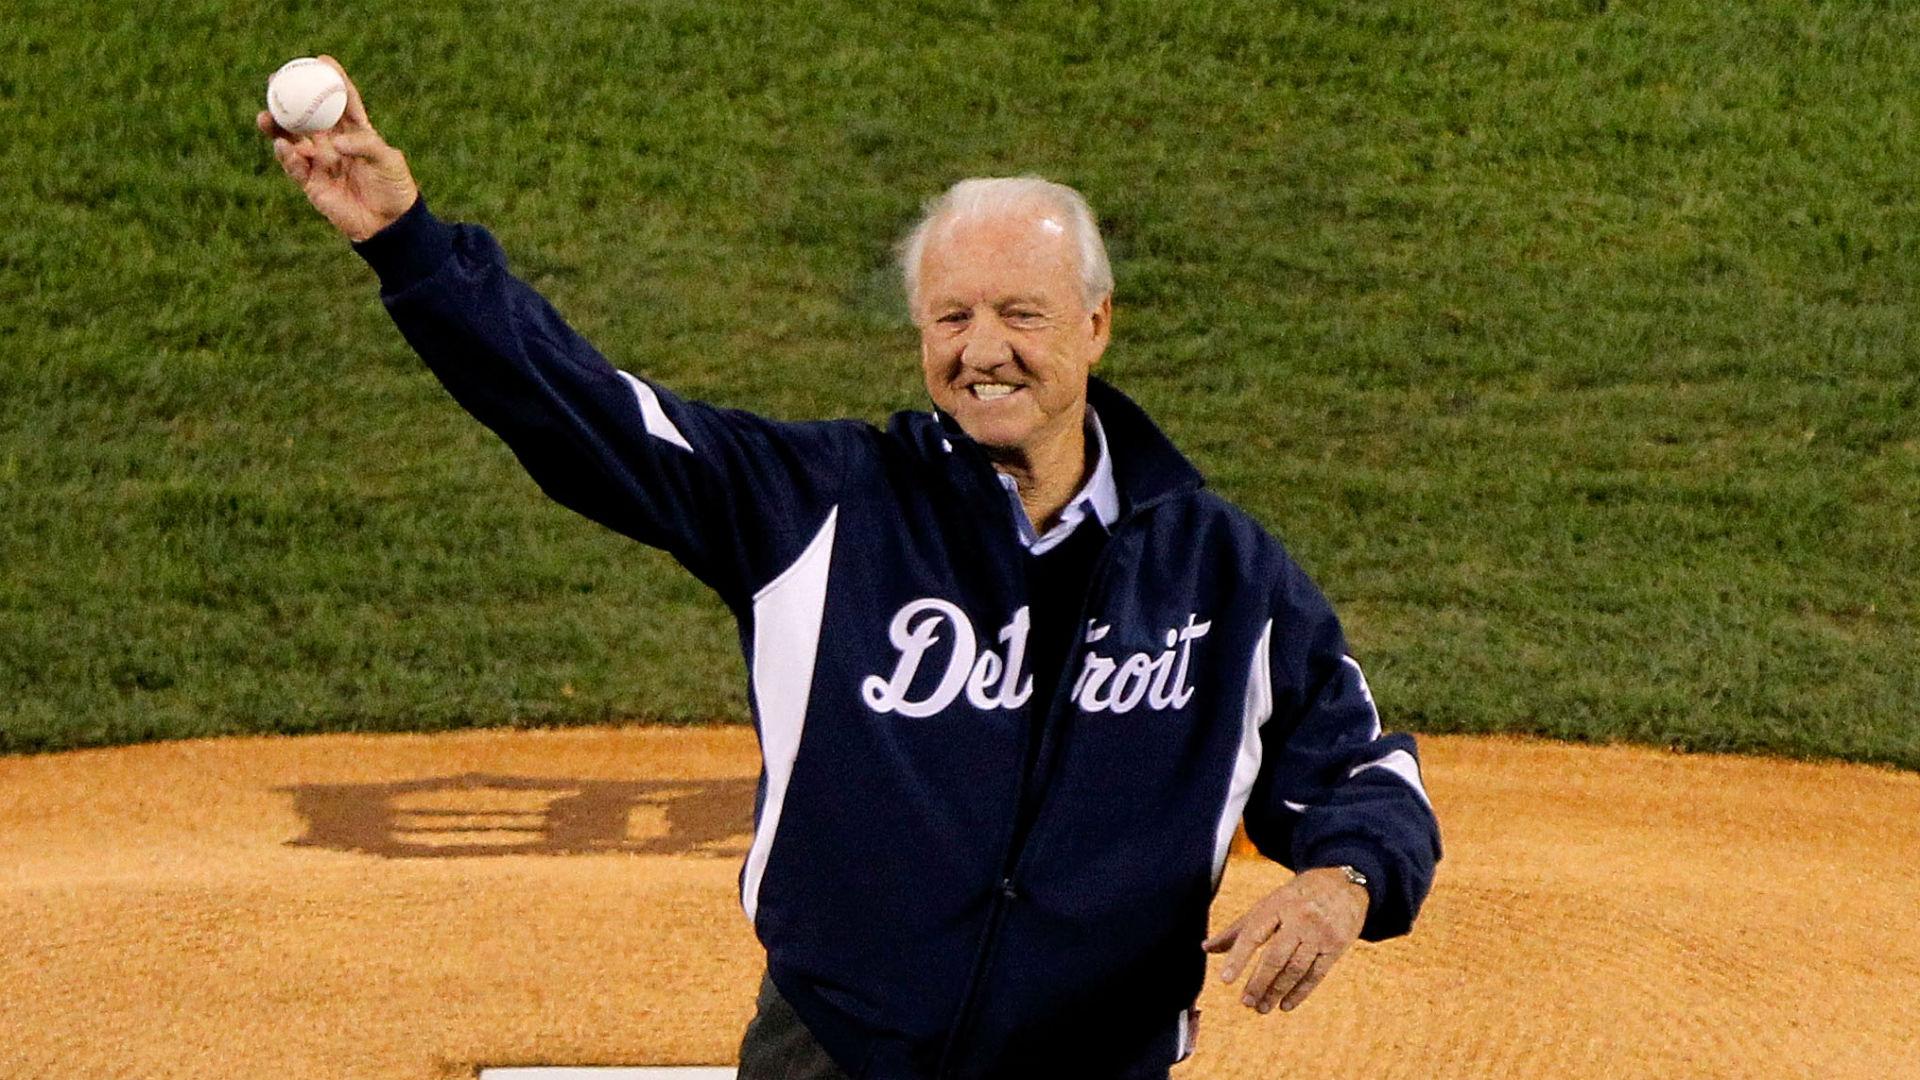 Al Kaline muere a los 85 años: los grandes del béisbol recuerdan la leyenda de los Tigres de Detroit en las redes sociales 43